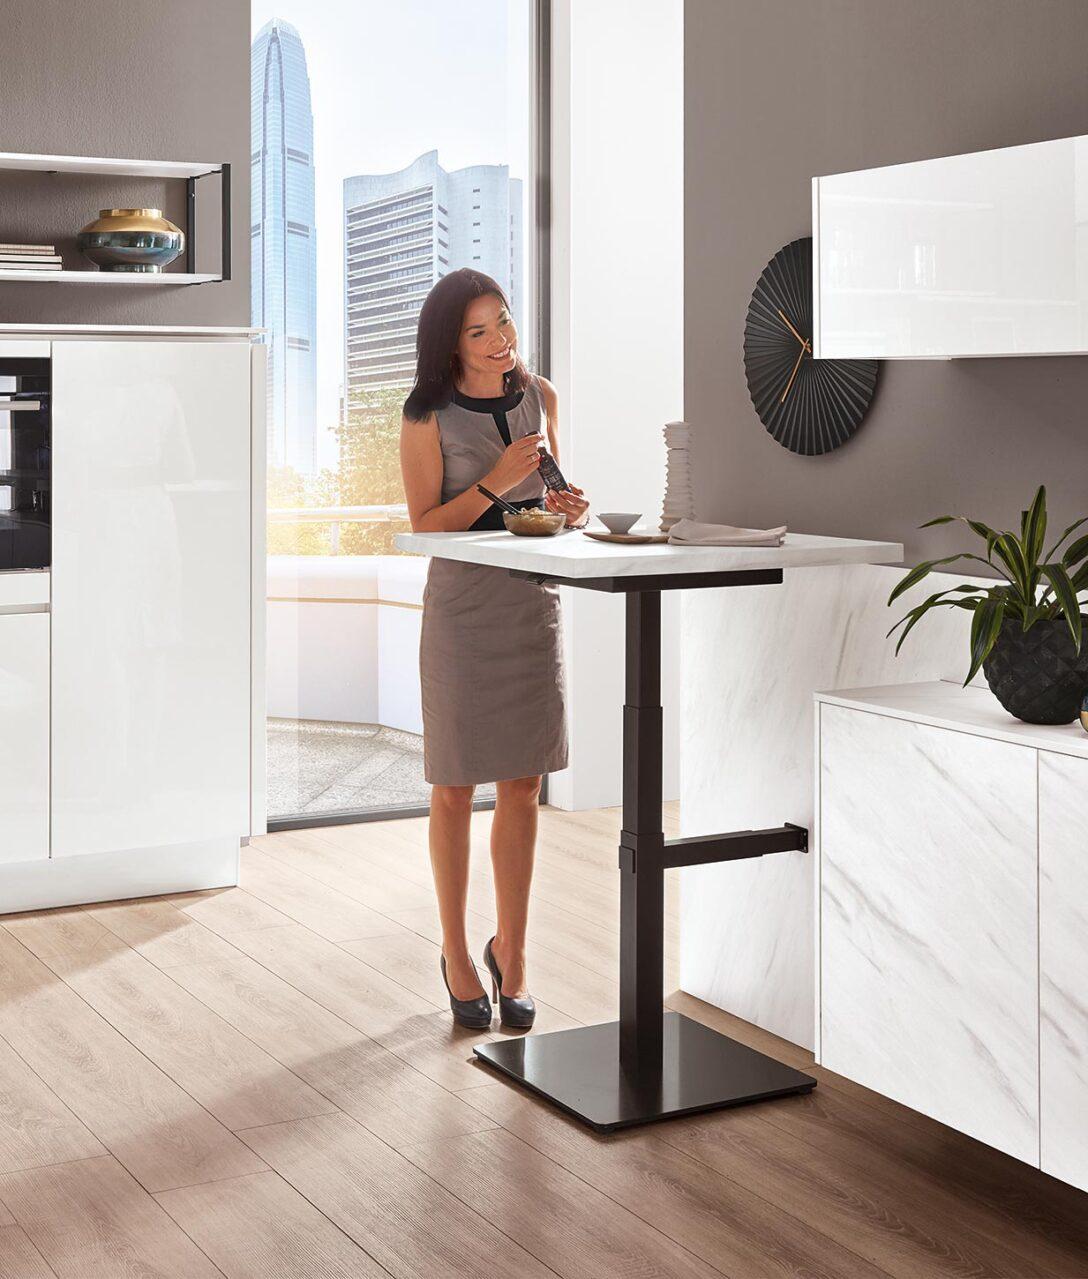 Large Size of Küchen Bartisch Kchentheke Diese Varianten Sind Machbar Küche Regal Wohnzimmer Küchen Bartisch